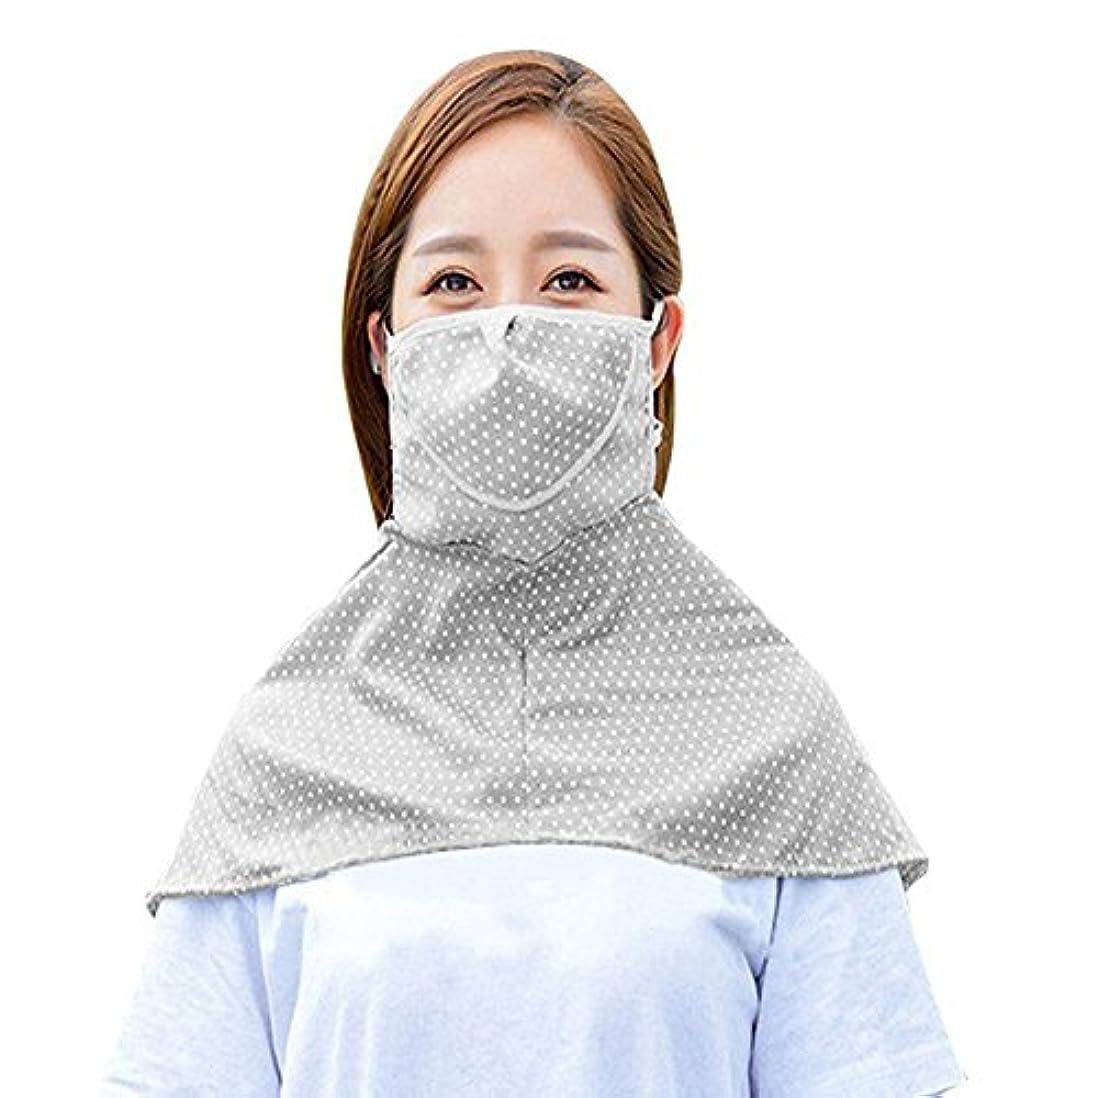 強います蓋アルカイックPureNicot 日焼け防止 フェイスマスク UVカット 紫外線対策 農作業 ガーデニング レディース 首もともガード 3D UVマスク (グレー ドット)